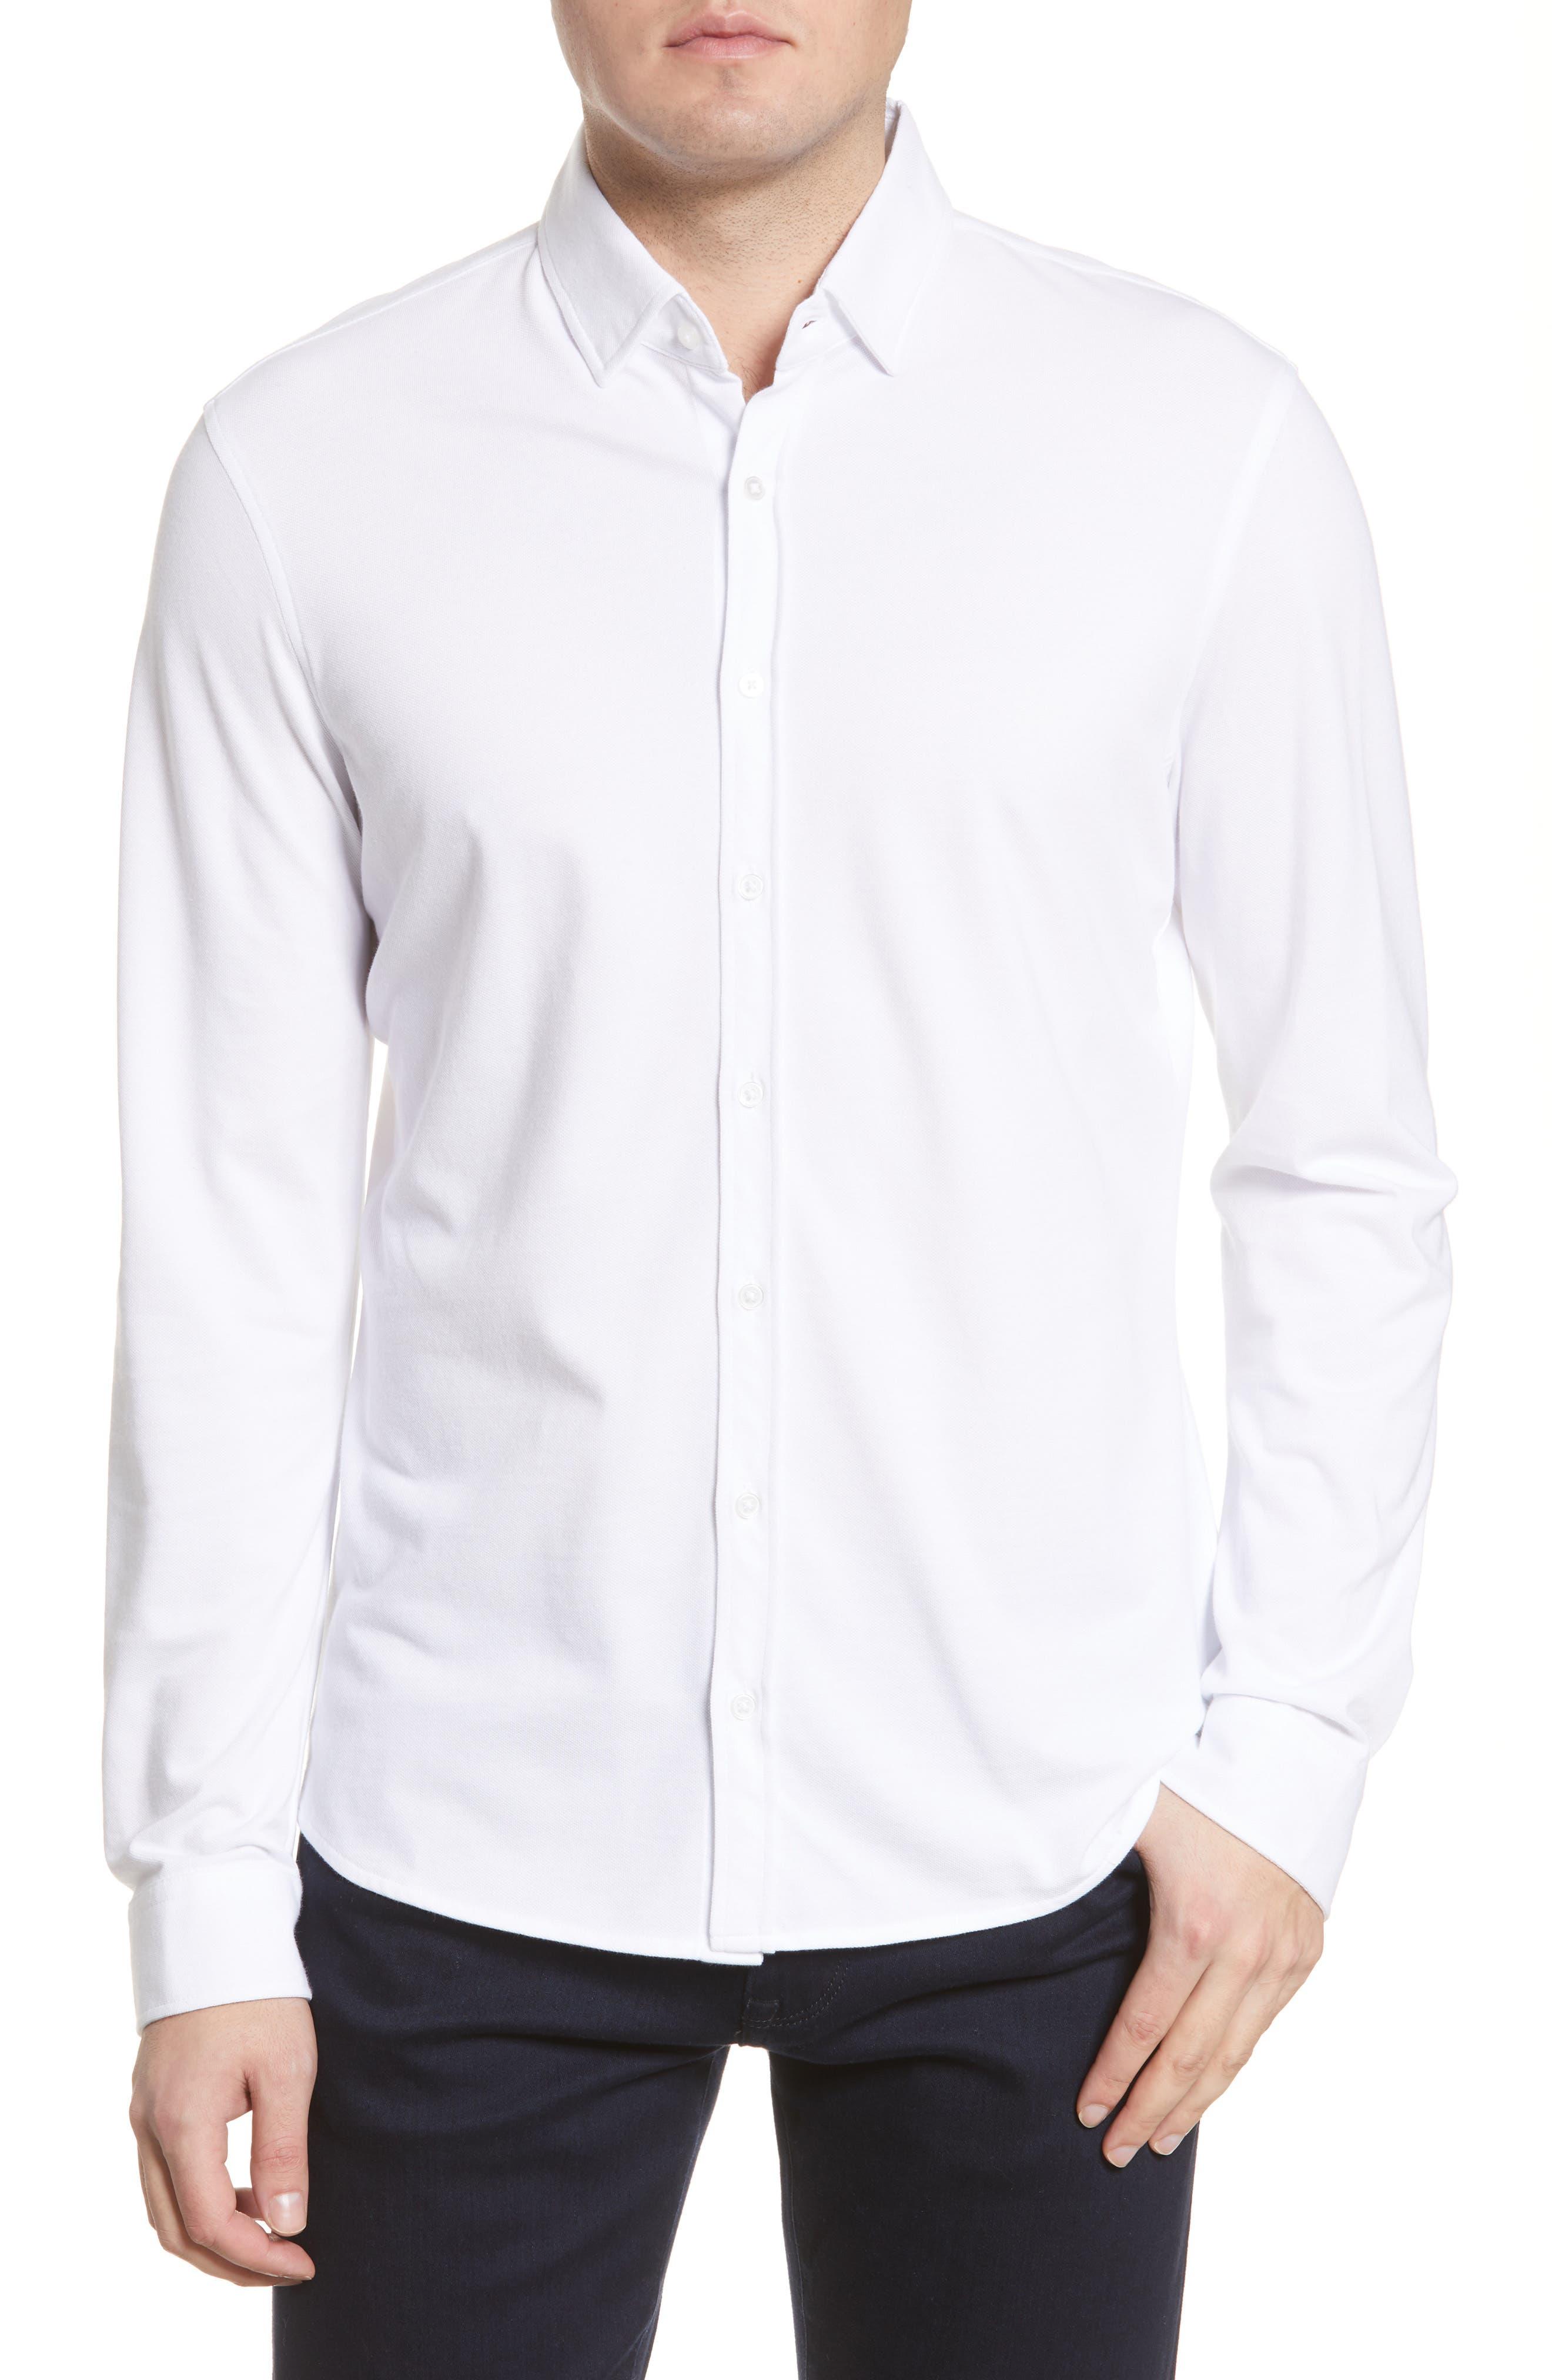 David Modern Fit Hi Flex Jersey Button-Up Shirt